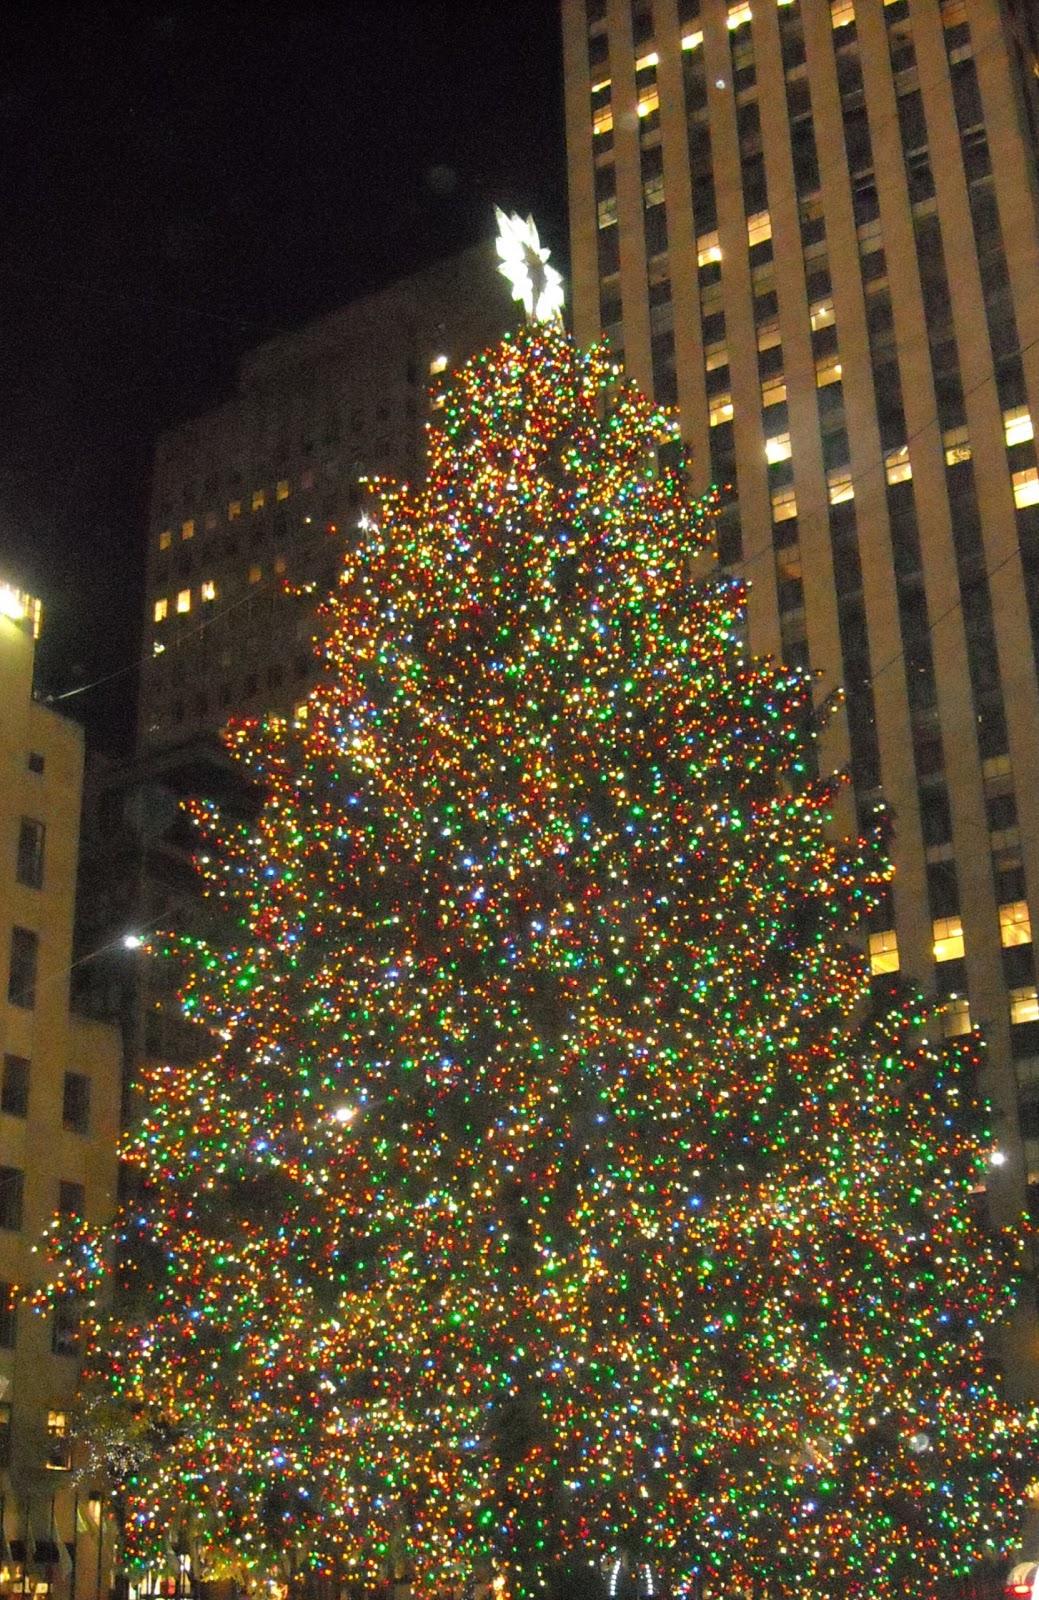 http://3.bp.blogspot.com/_gzrW0ibNjCs/TQFAXLd4vJI/AAAAAAAAACc/OLCNqBmcaBI/s1600/NYC+Tree+1.jpg